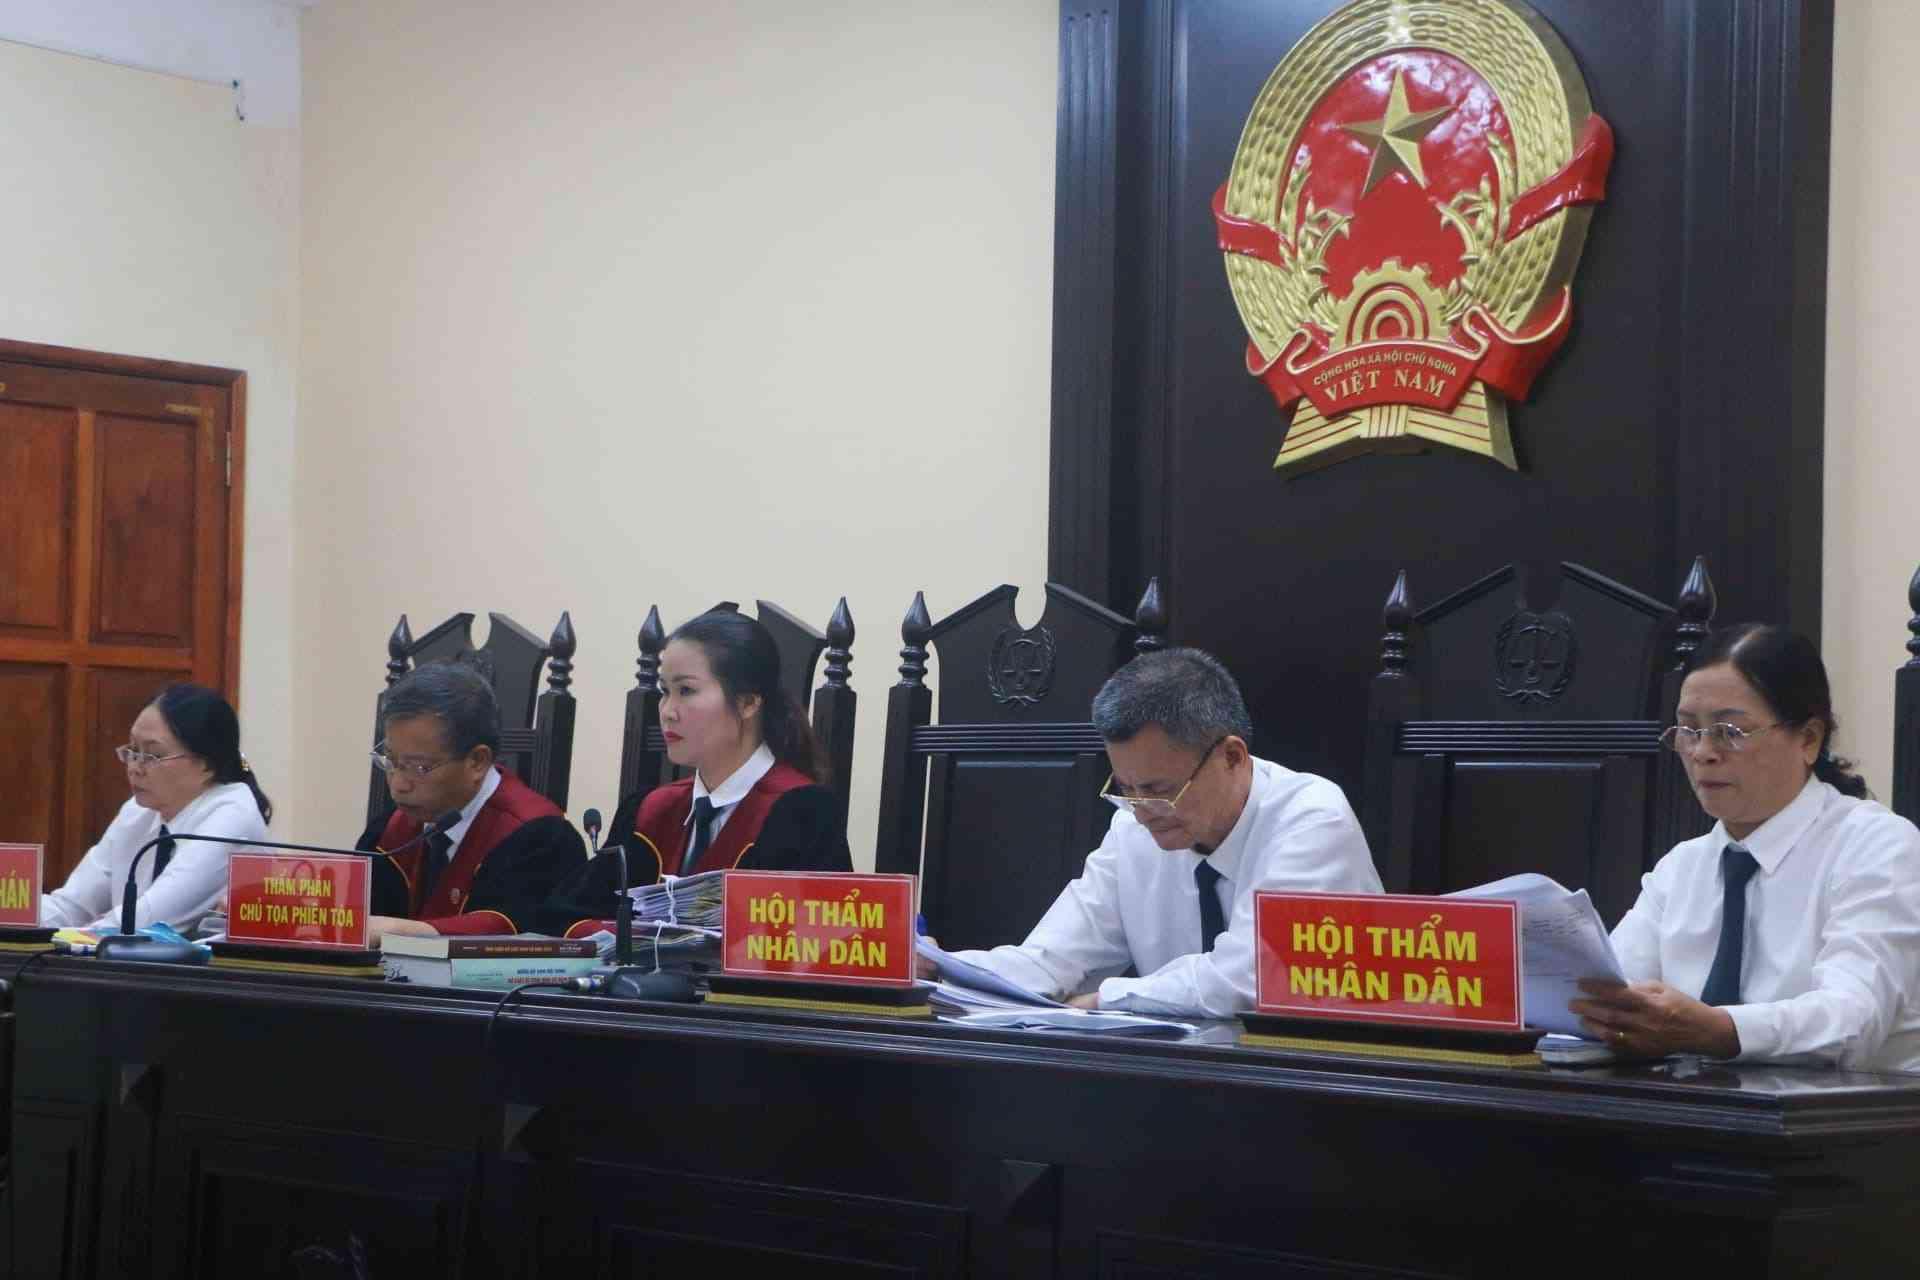 """Mẹ của Phó trưởng Đoàn ĐBQH tỉnh Hà Giang sẽ bị """"khiển trách"""" vì """"nhờ vả"""" nâng điểm - 1"""